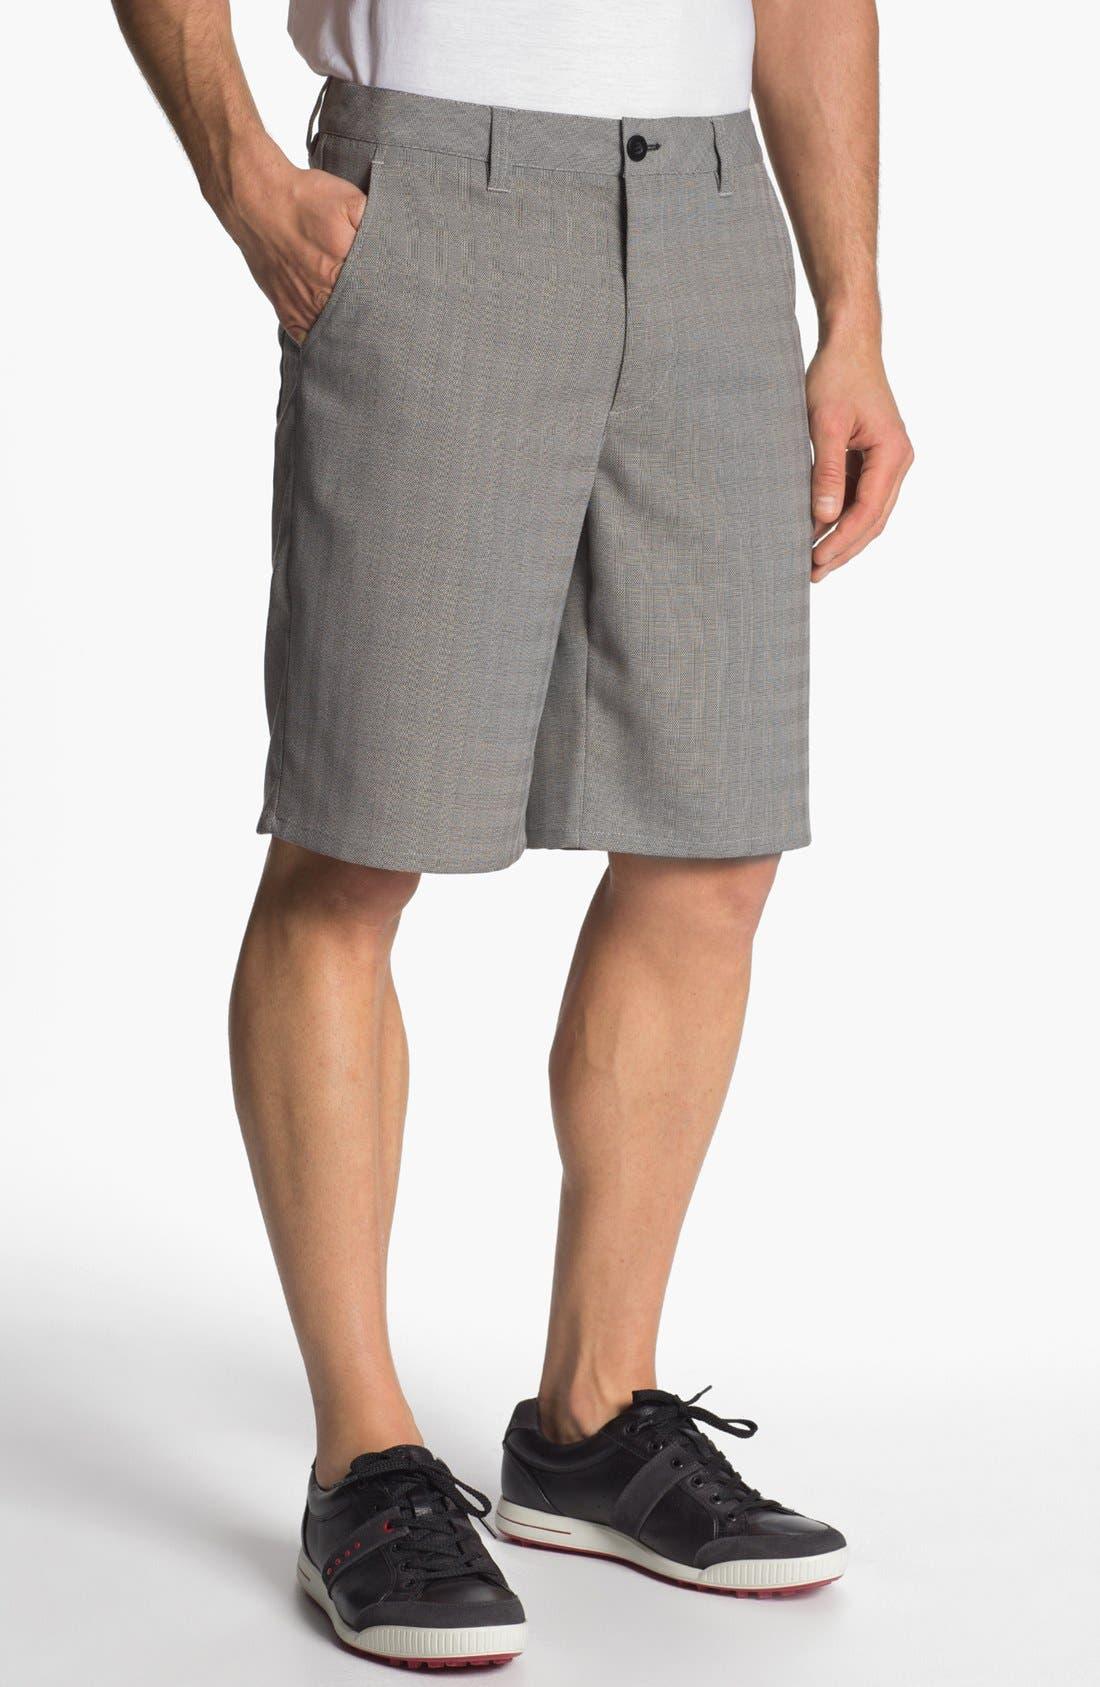 Alternate Image 1 Selected - Travis Mathew 'Veysey' Golf Shorts